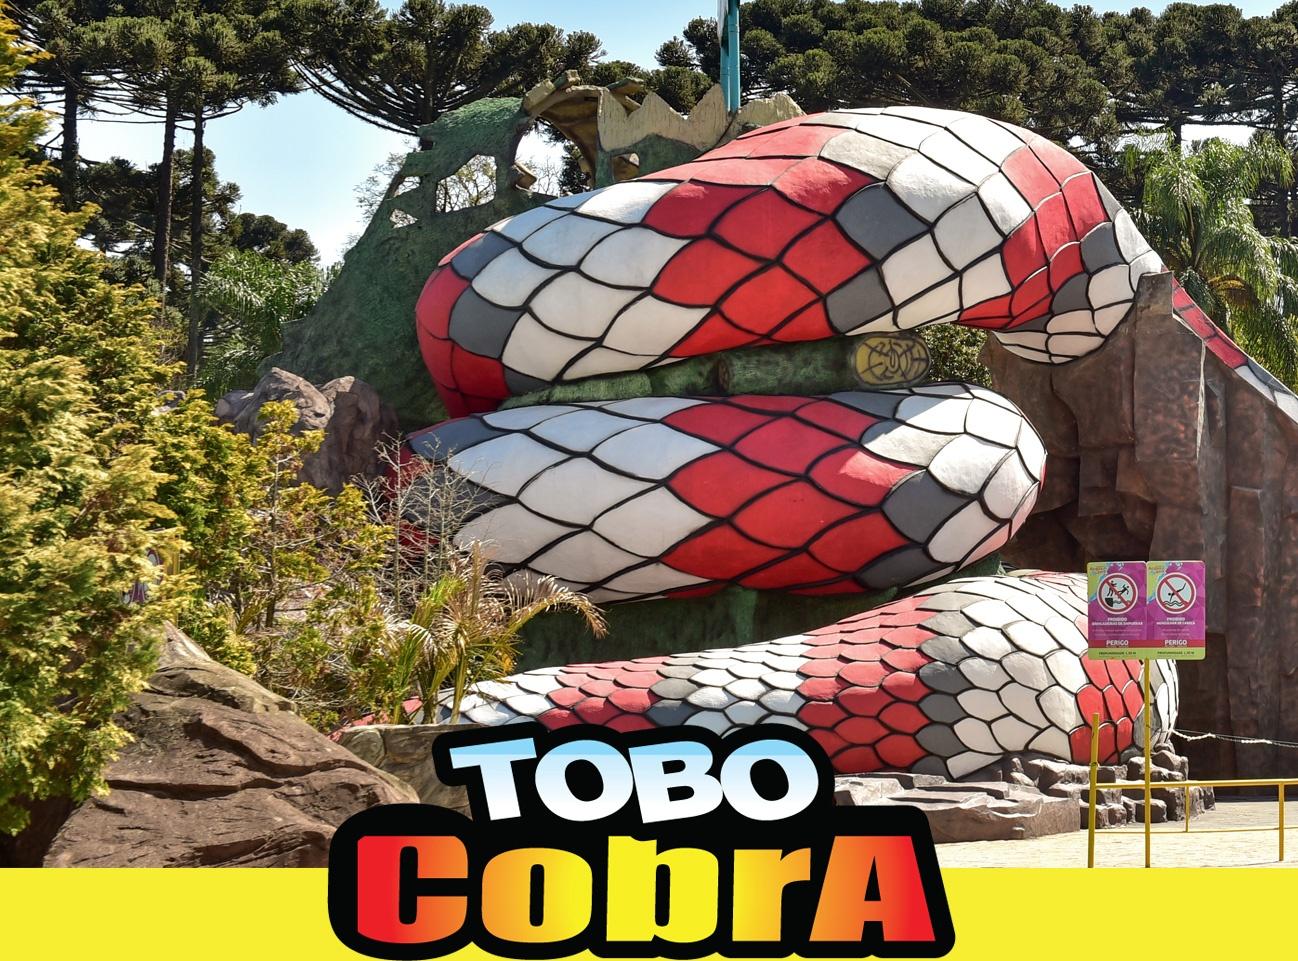 Tobo Cobra